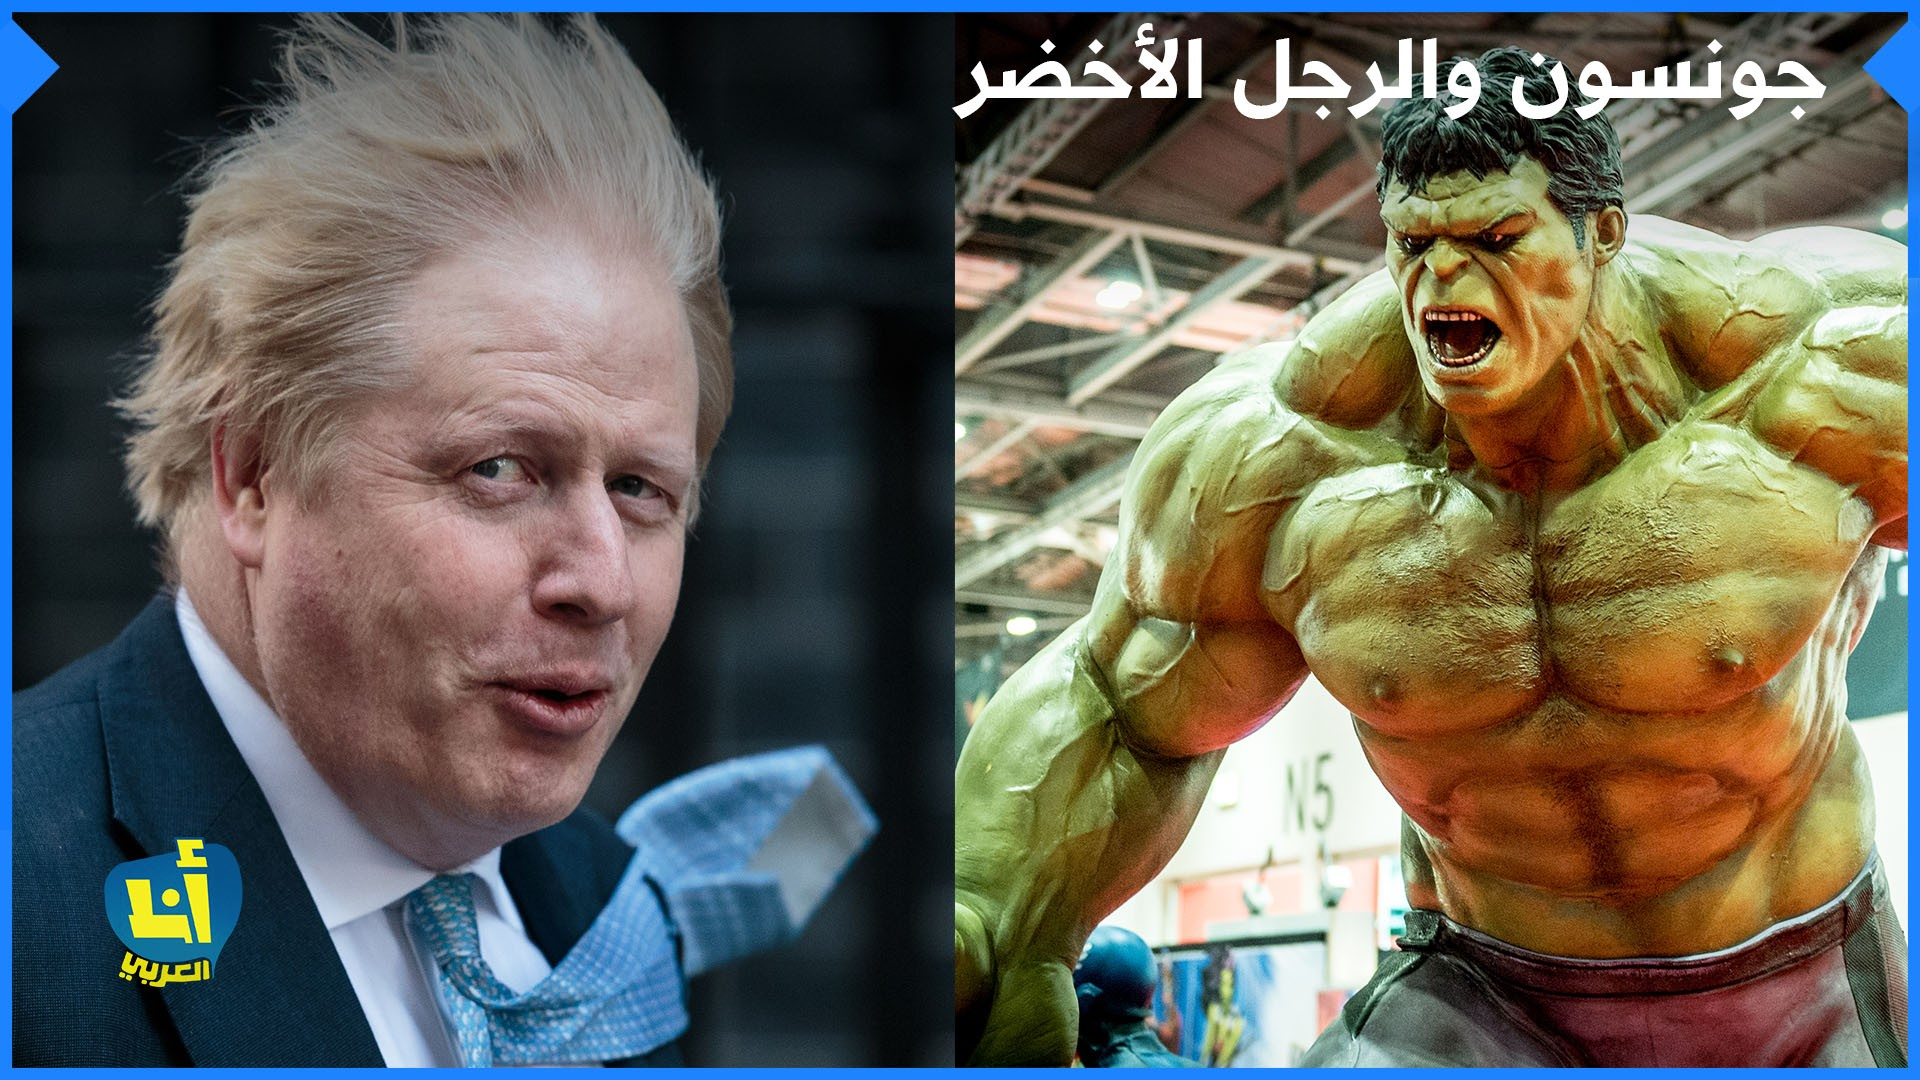 بوريس جونسون والرجل الأخضر